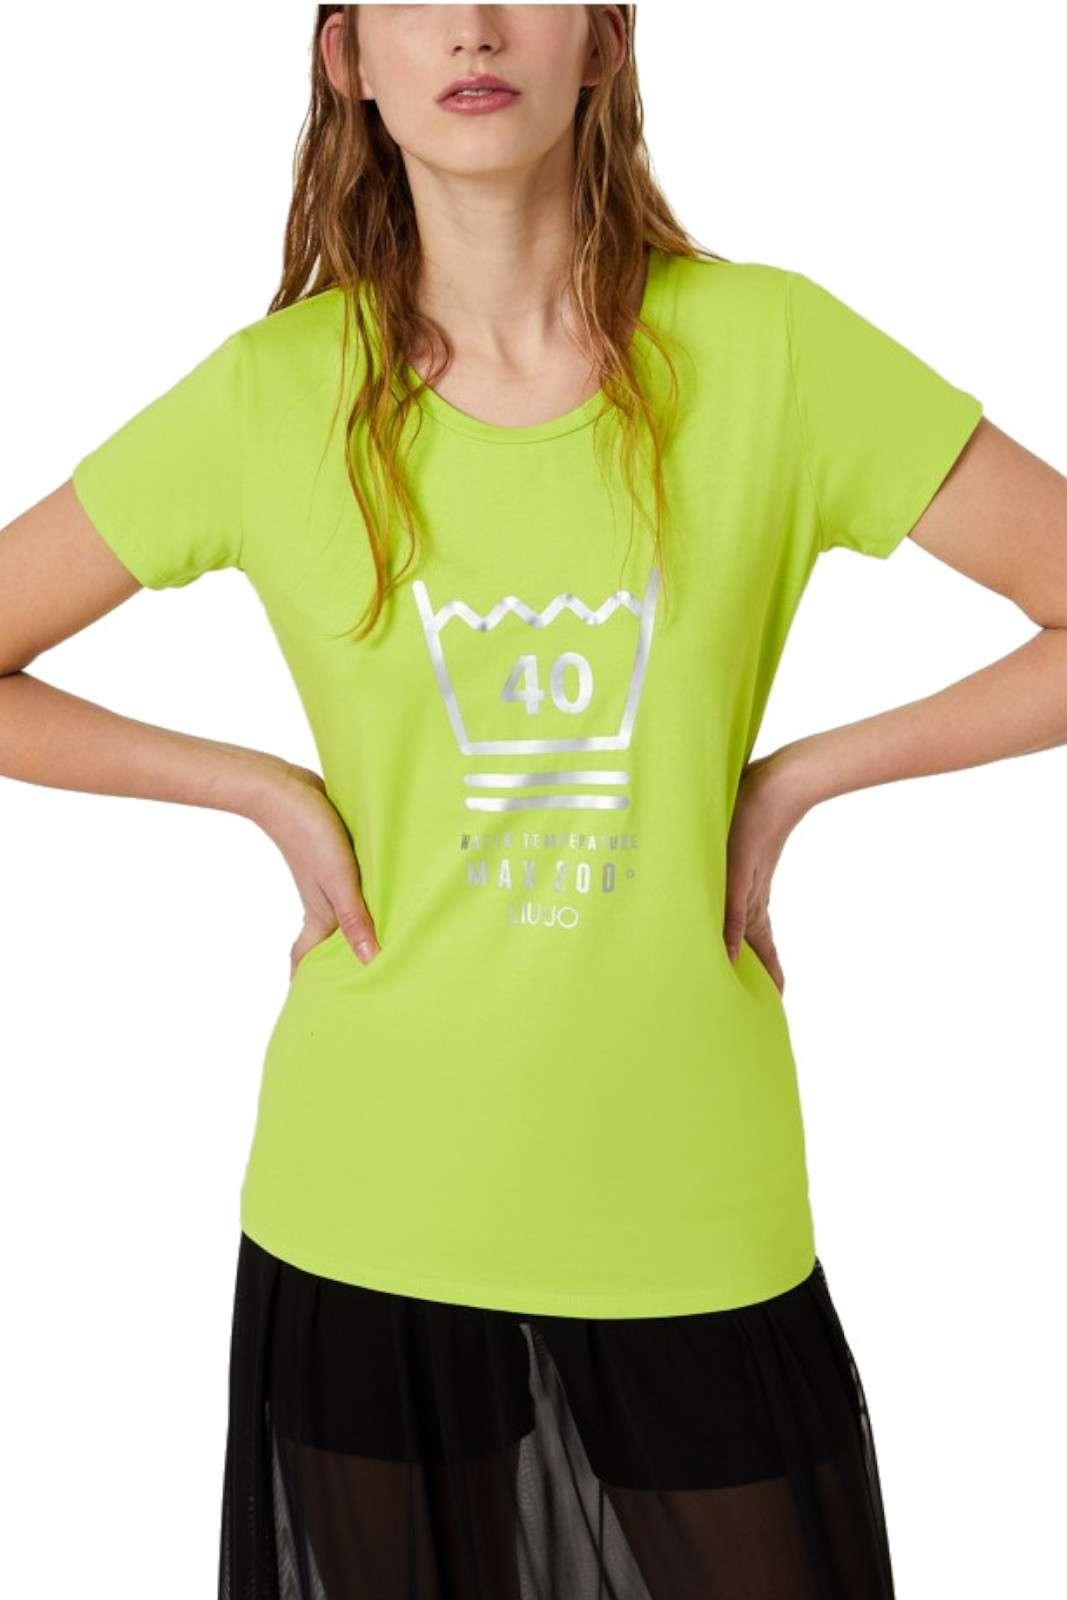 Simpatica e colorata, la nuova T shirt firmata Liu Jo Sport conquista anche le donne più esigenti. Una stampa glamour e sobria fa da cornice ad una colorazione sgargiante e fashion. Da abbinare a jeans o pantaloni sportivi è un connubio di praticità e gusto.